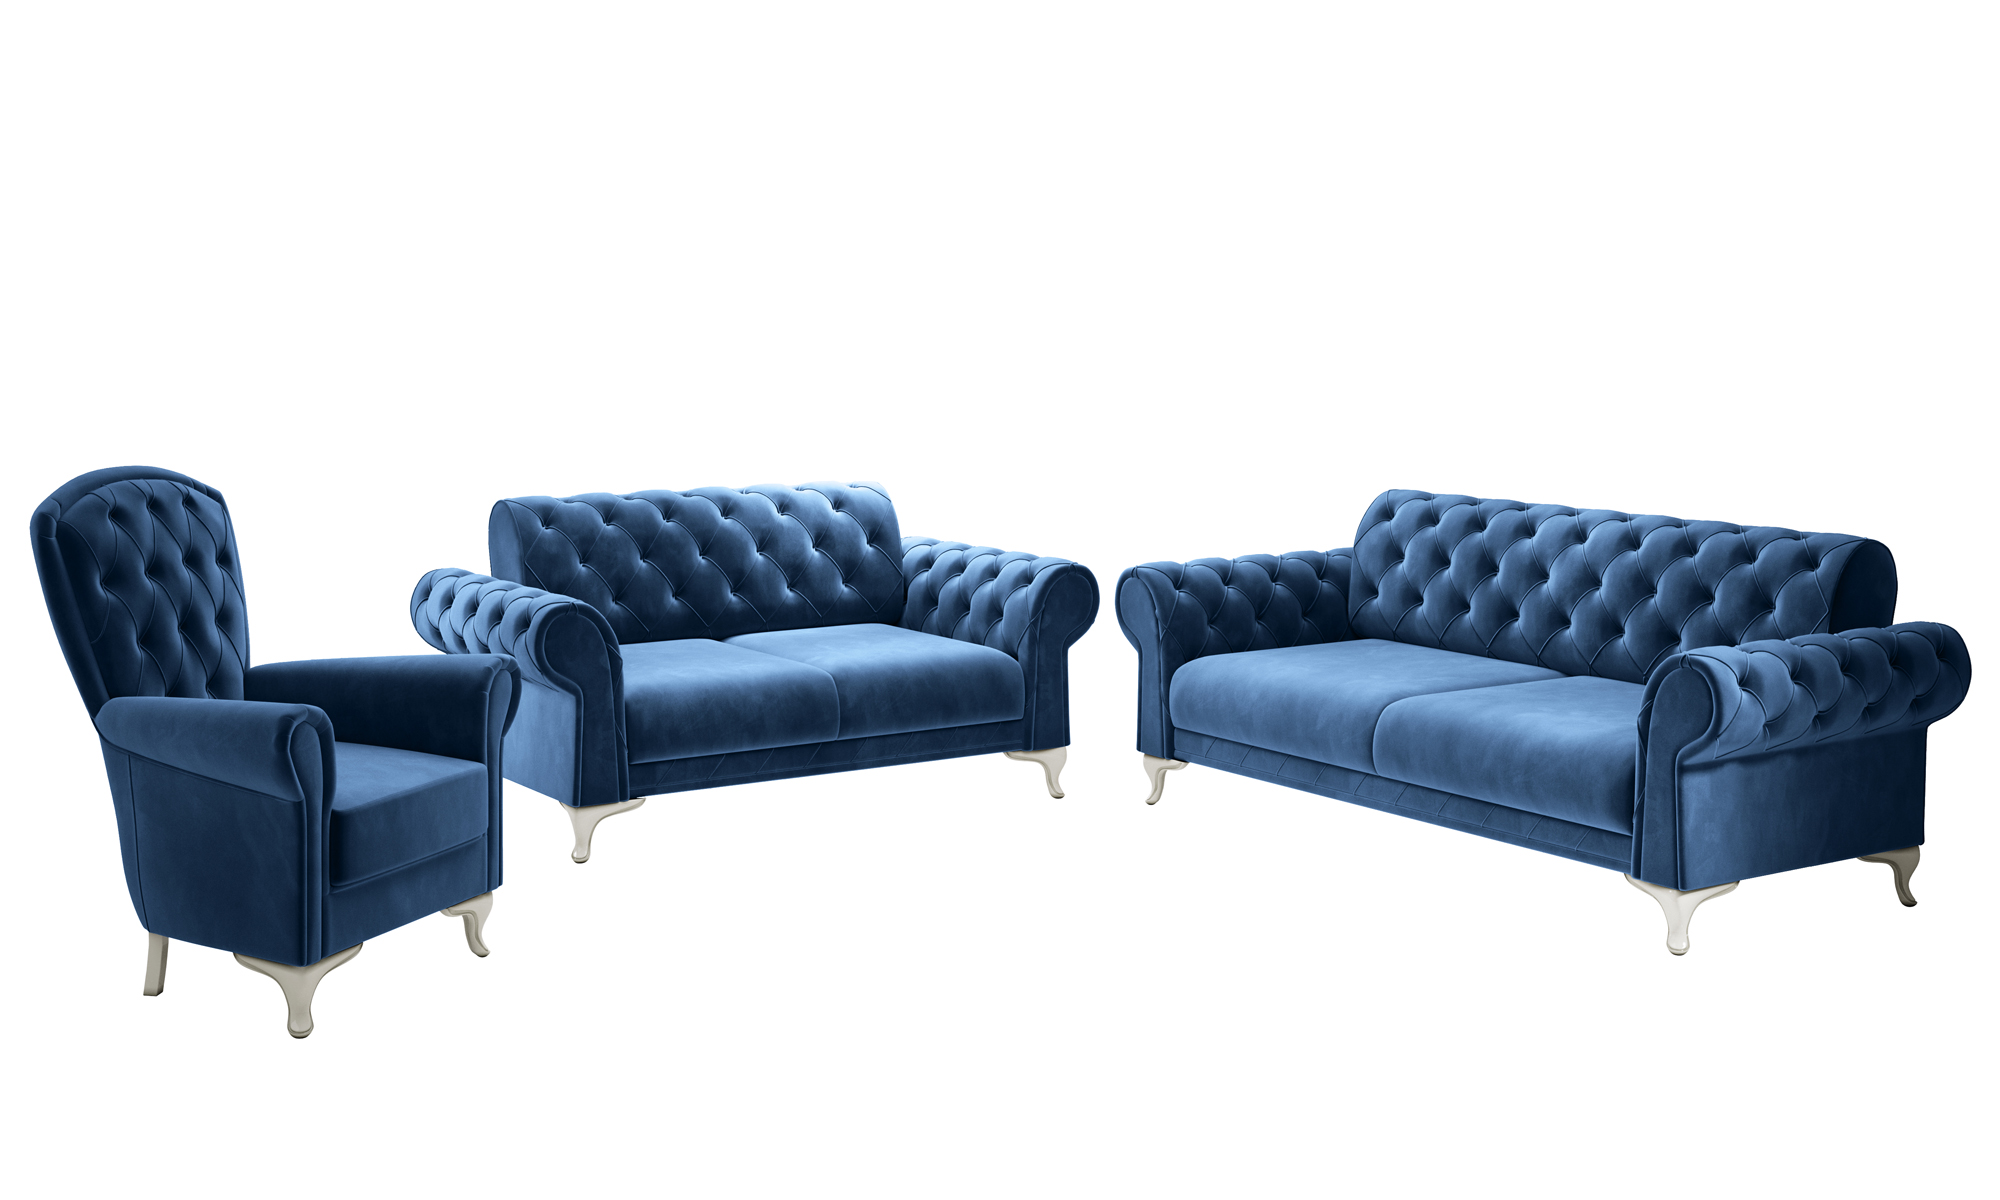 3-2-1 Sofa Set Rossa mit Bettfunktion und integrierter Visco-Auflage Aqua Blau